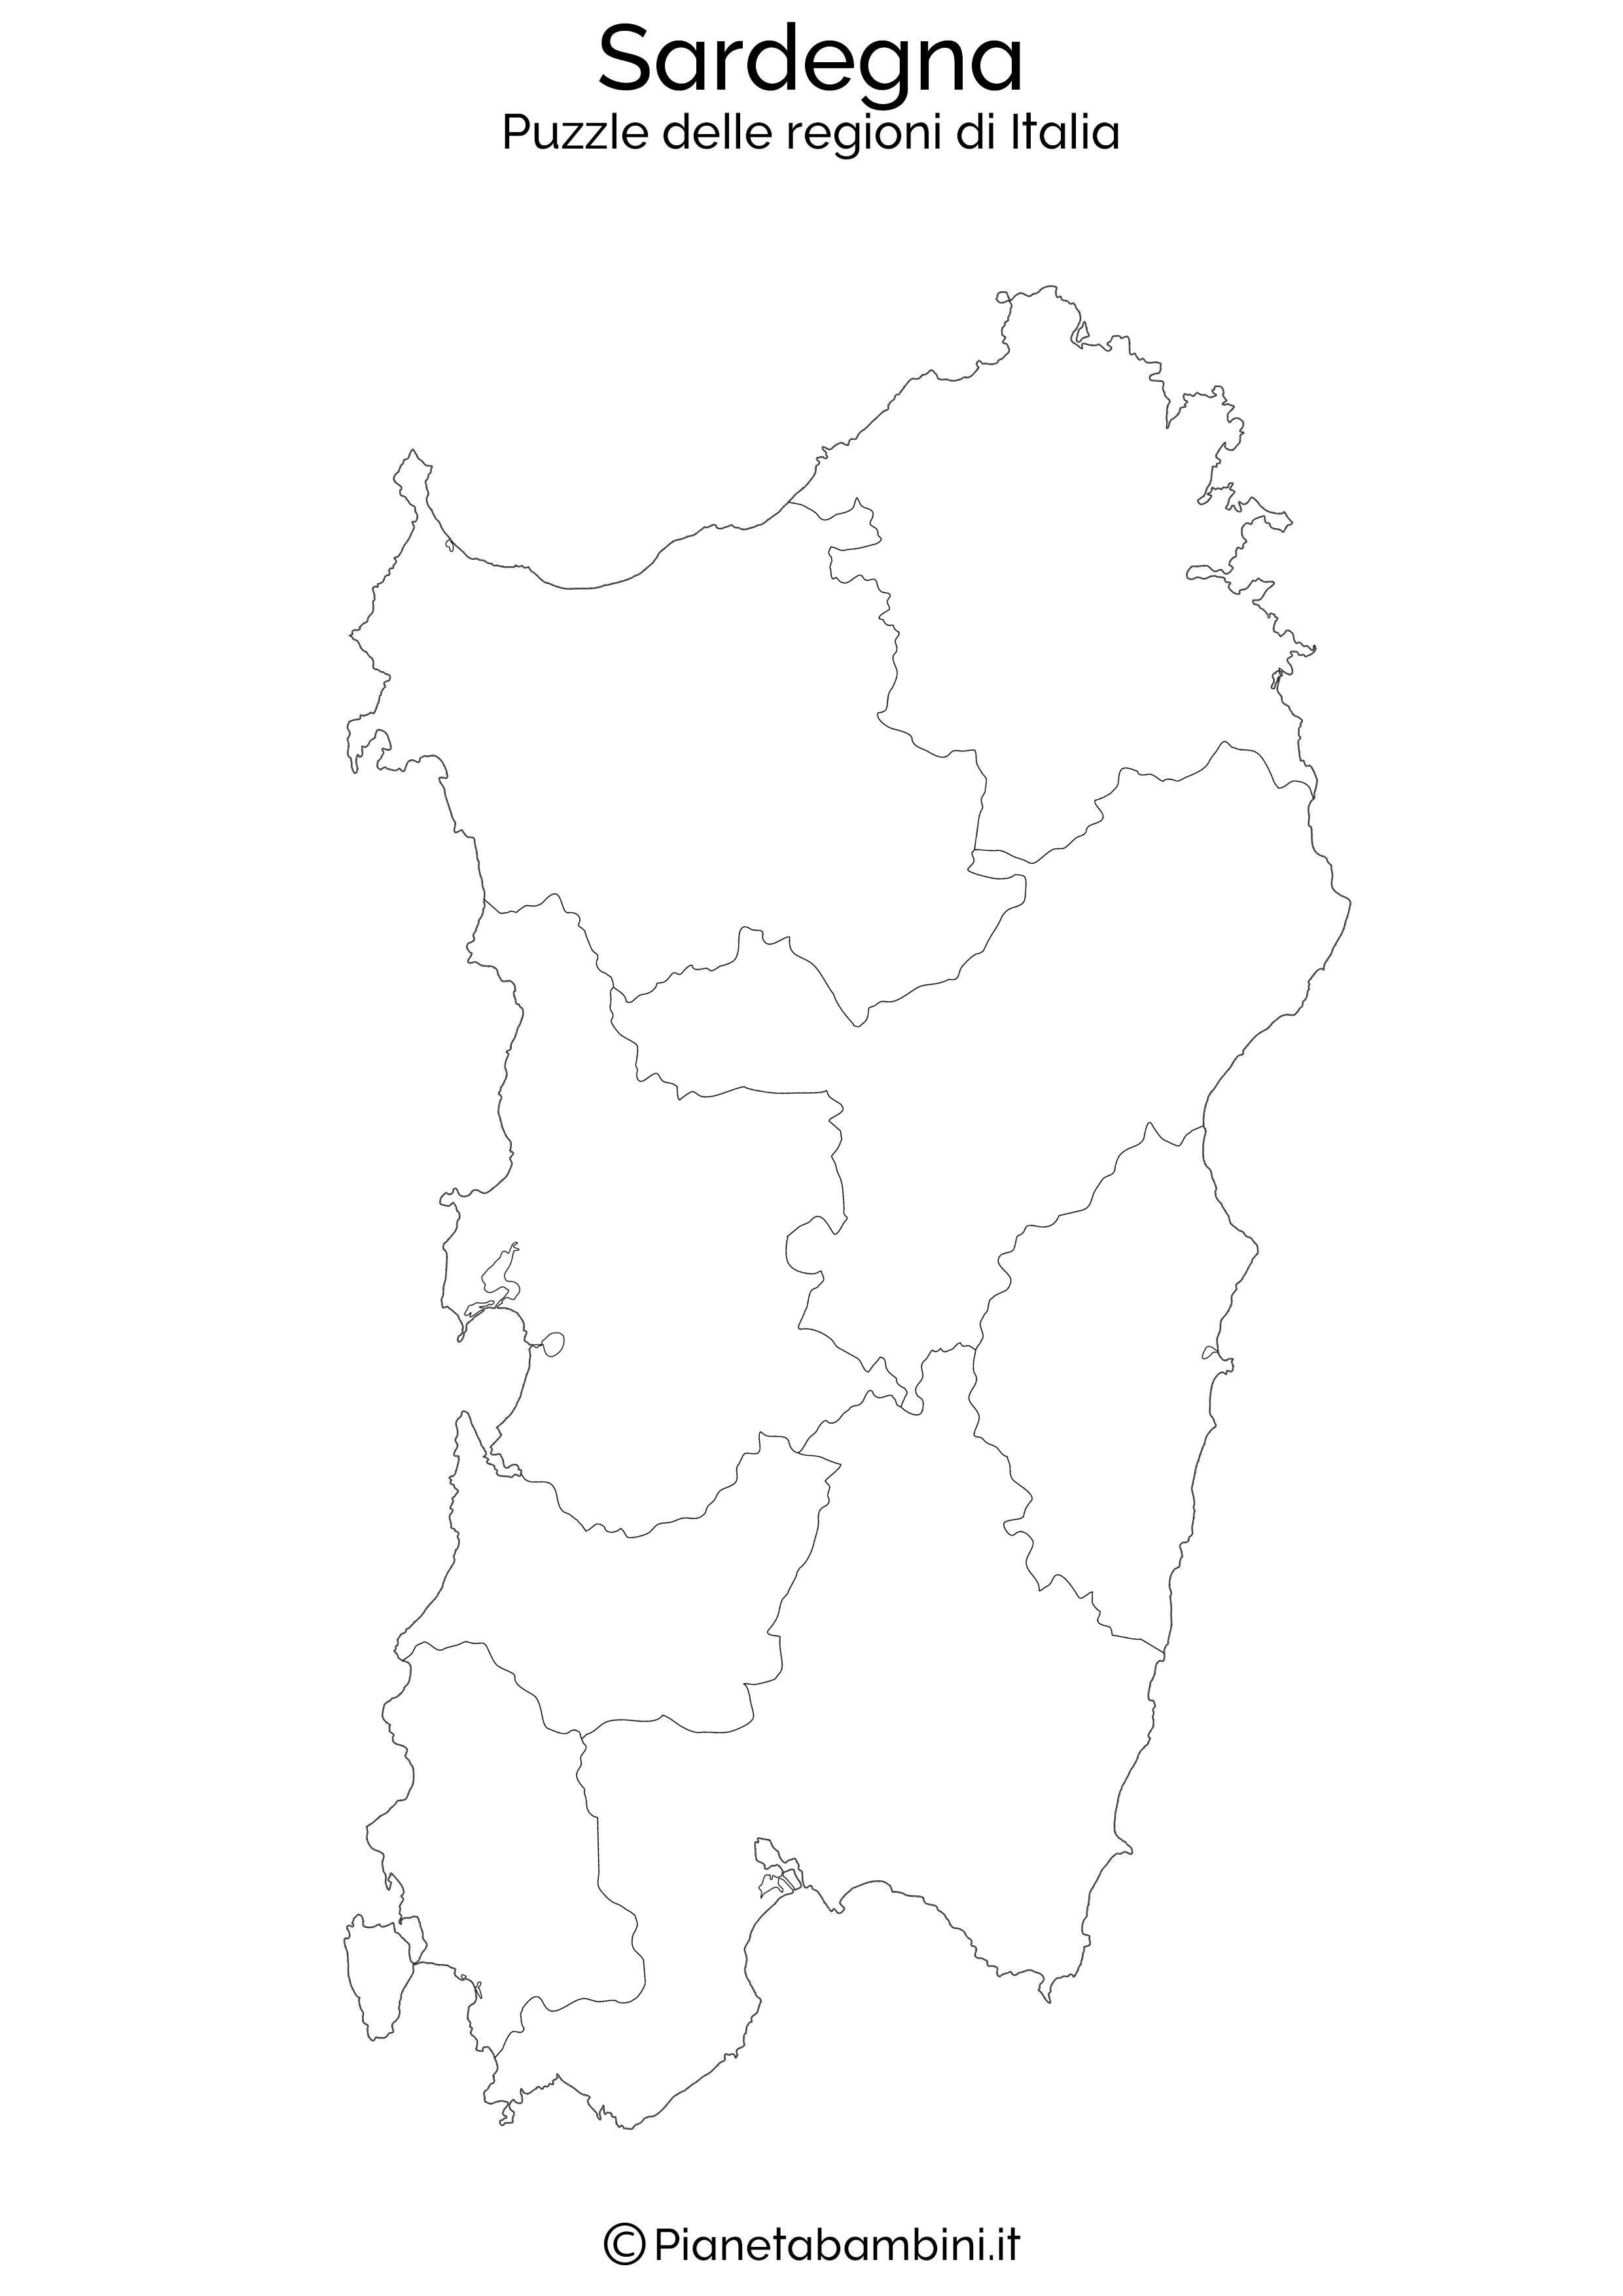 Cartina Sardegna Formato A4.Puzzle Delle Regioni D Italia Da Stampare Pianetabambini It